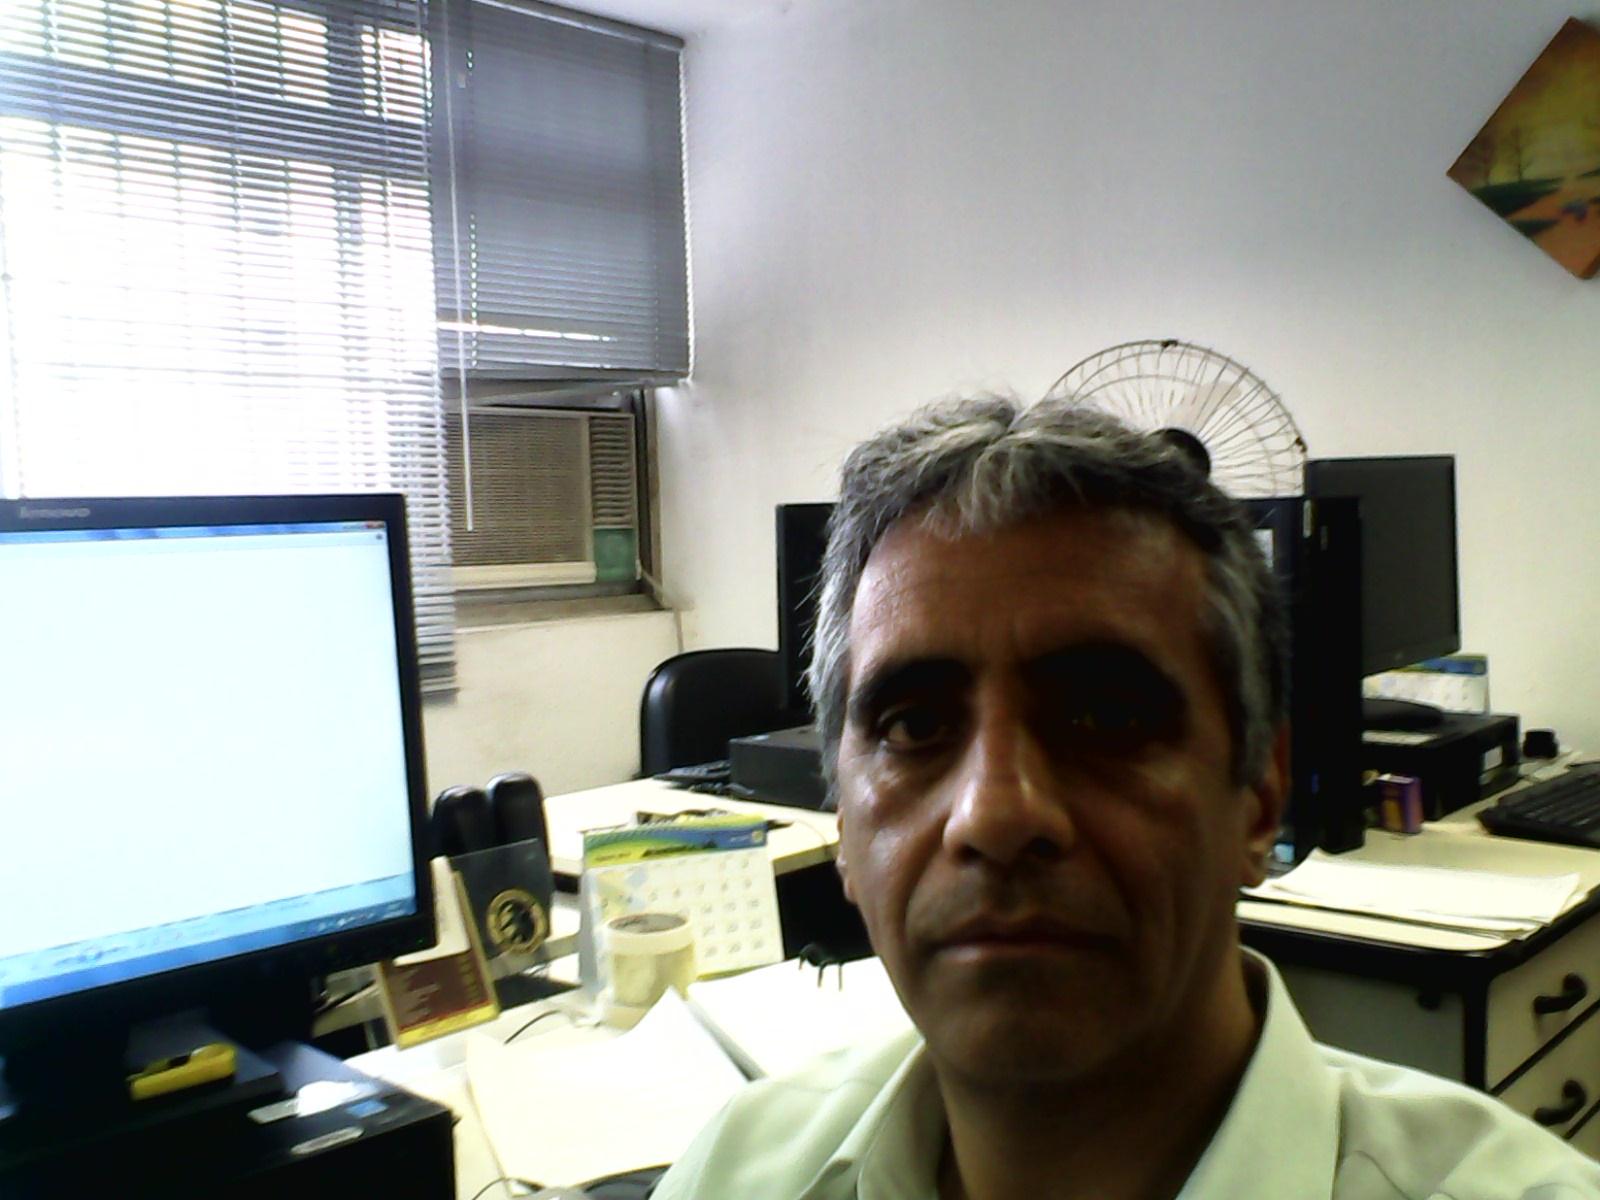 Amilton Fernandes de Azevedo